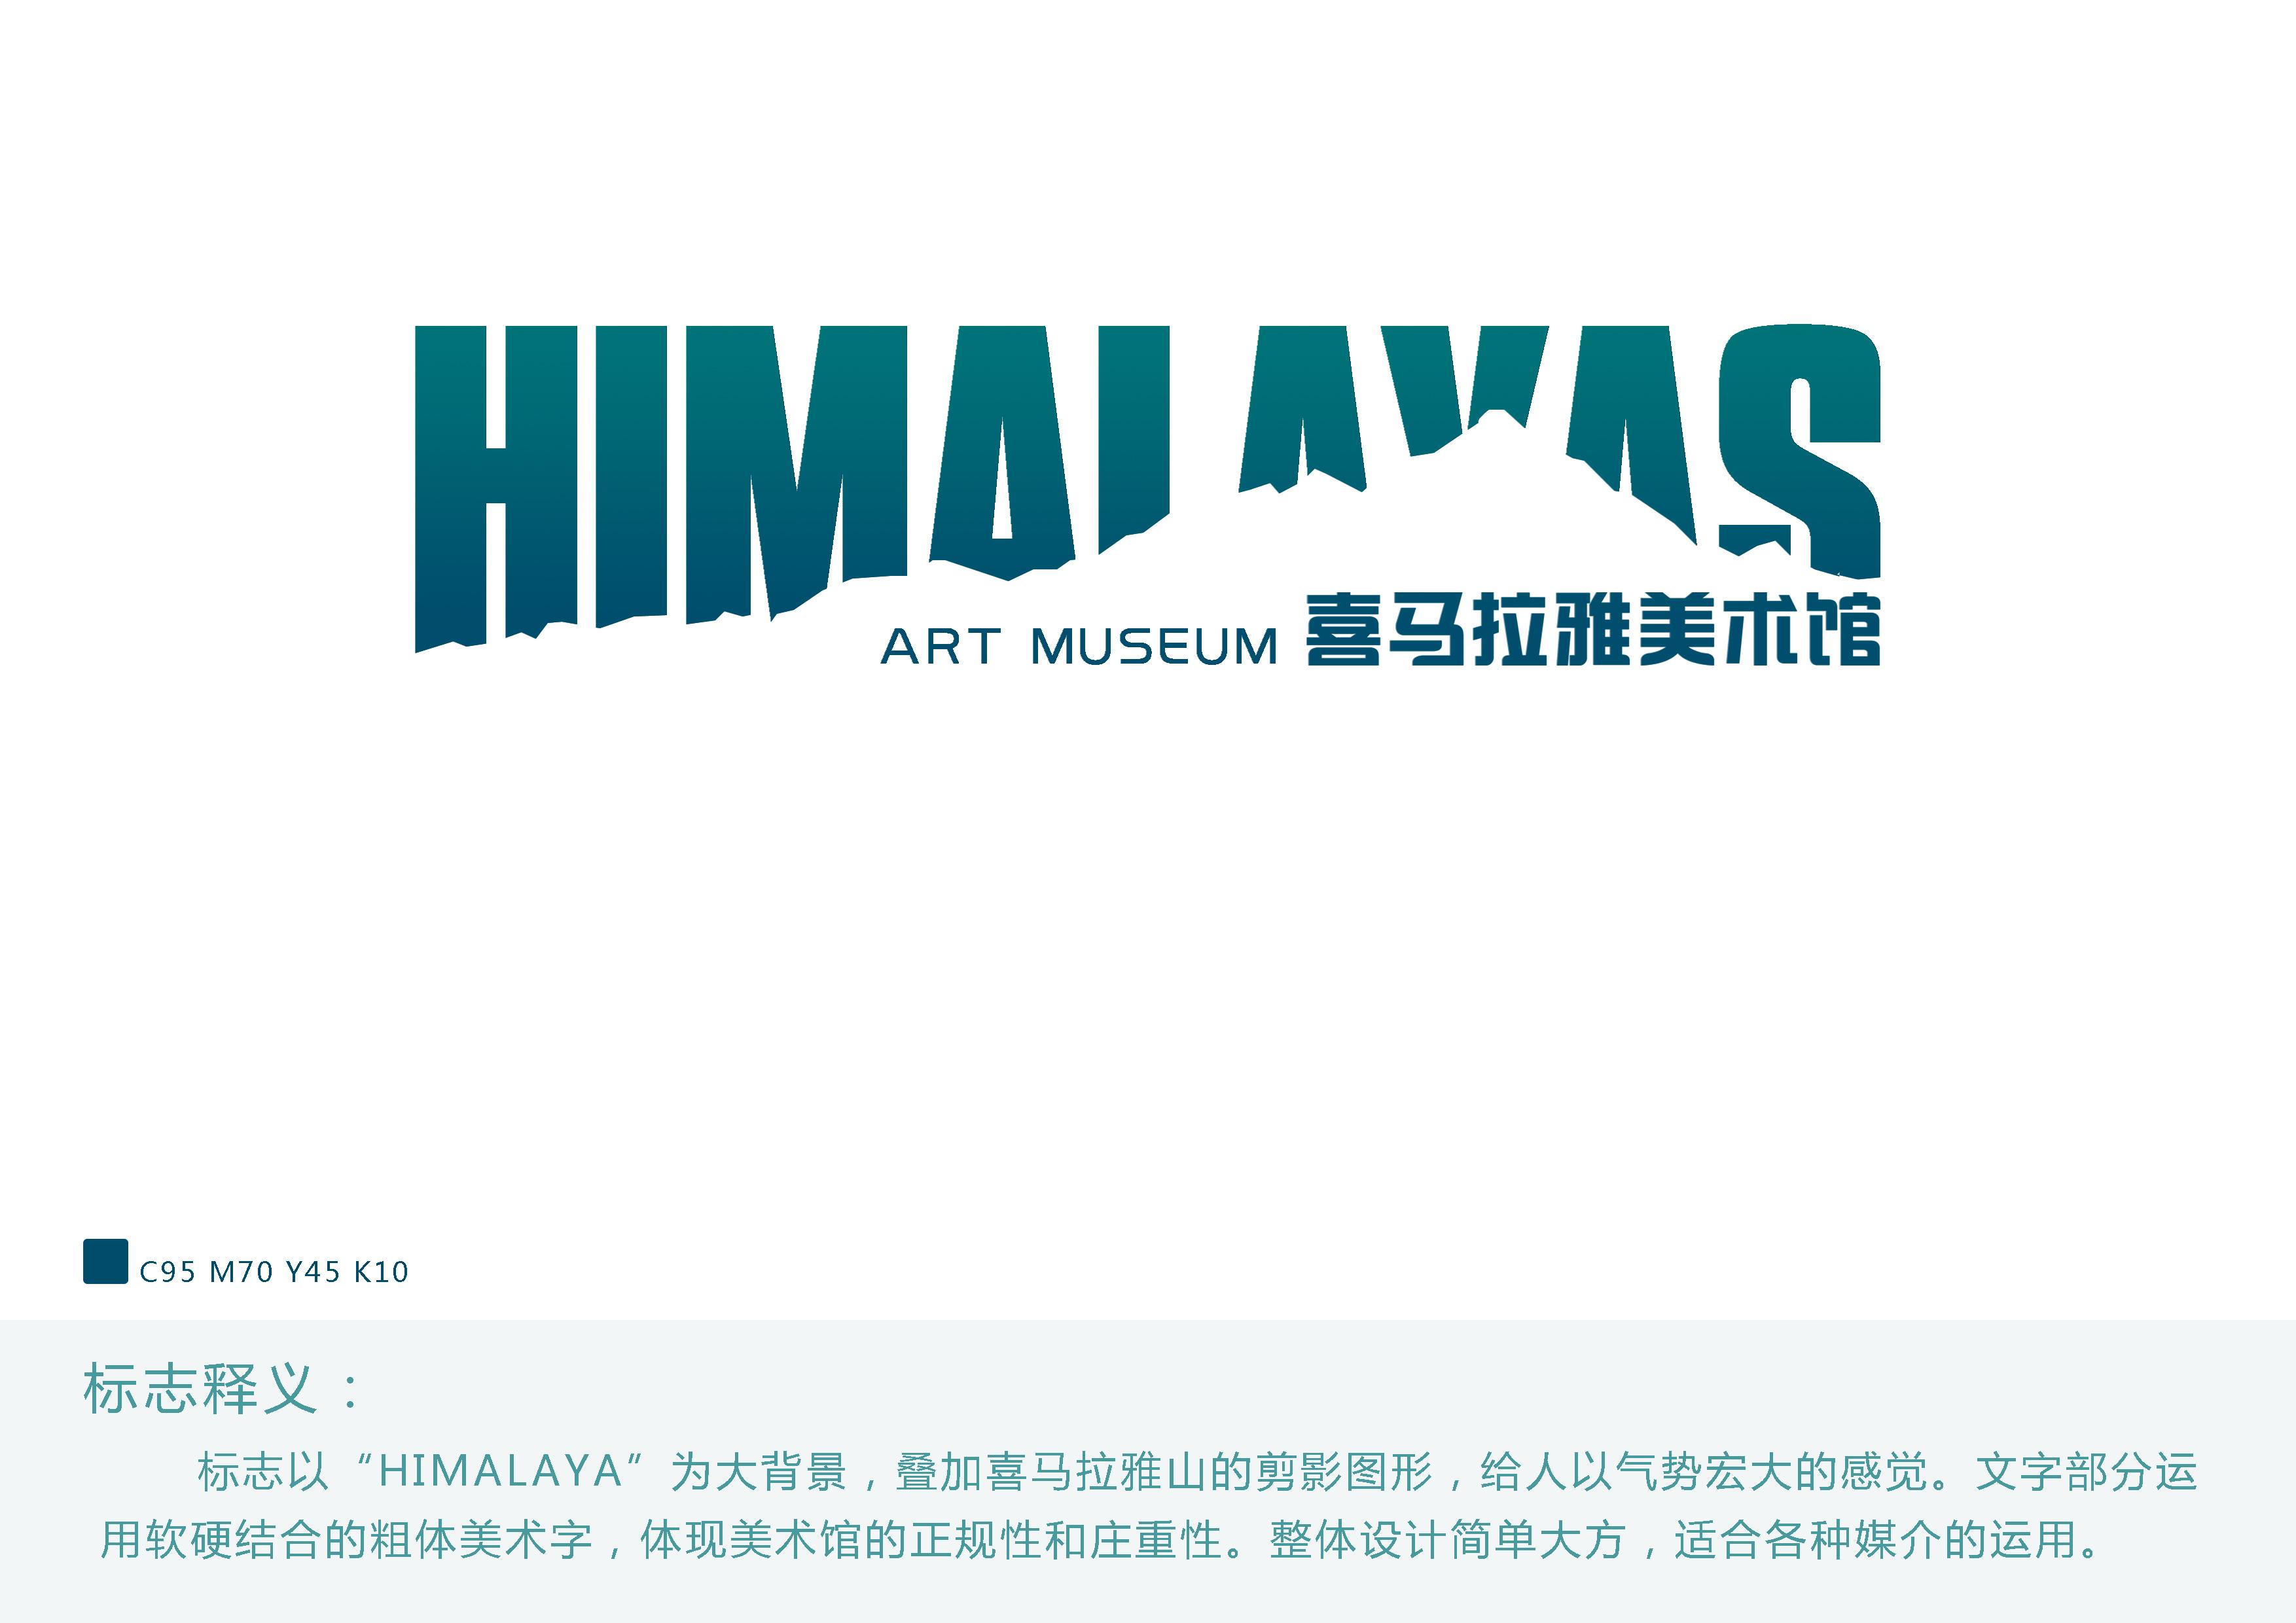 喜马拉雅美术馆logo设计图片